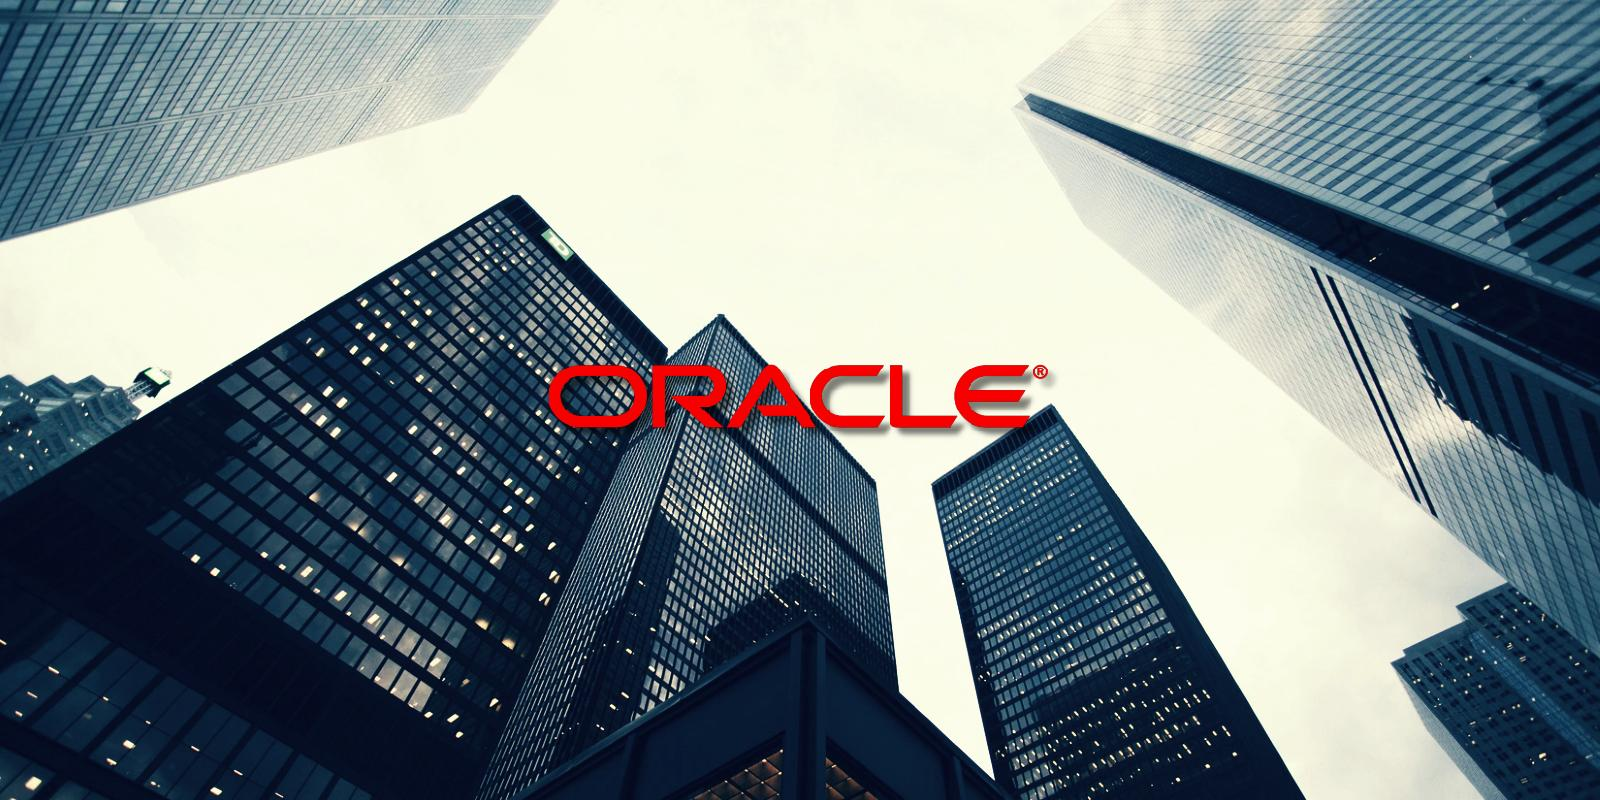 严重错误已被用来在Oracle服务器上部署Cobalt Strike